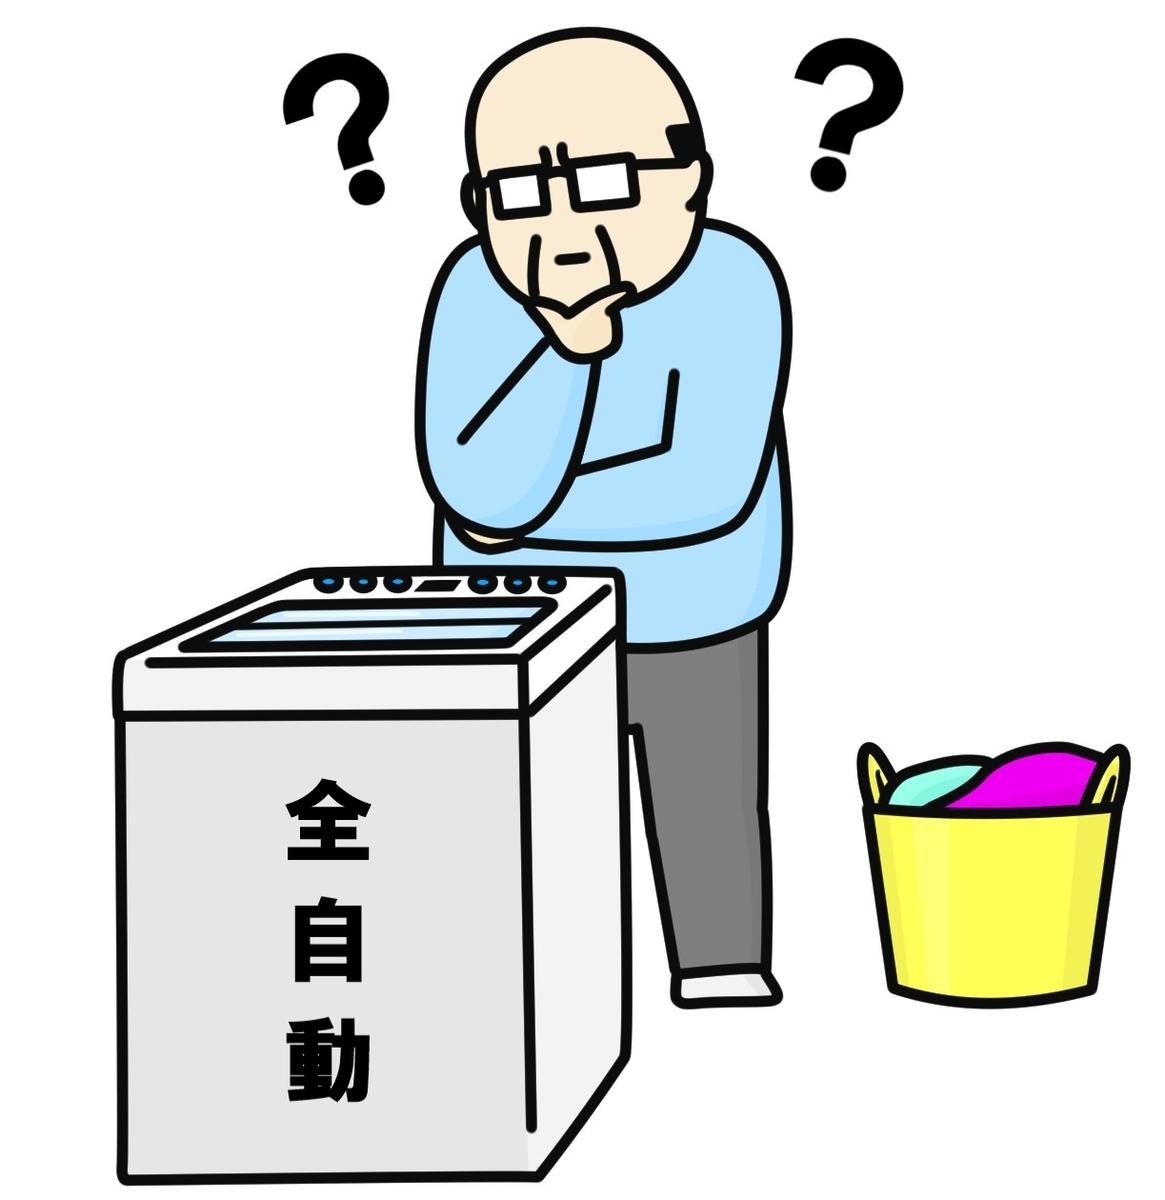 洗濯機の扱いに慣れていないお父さん